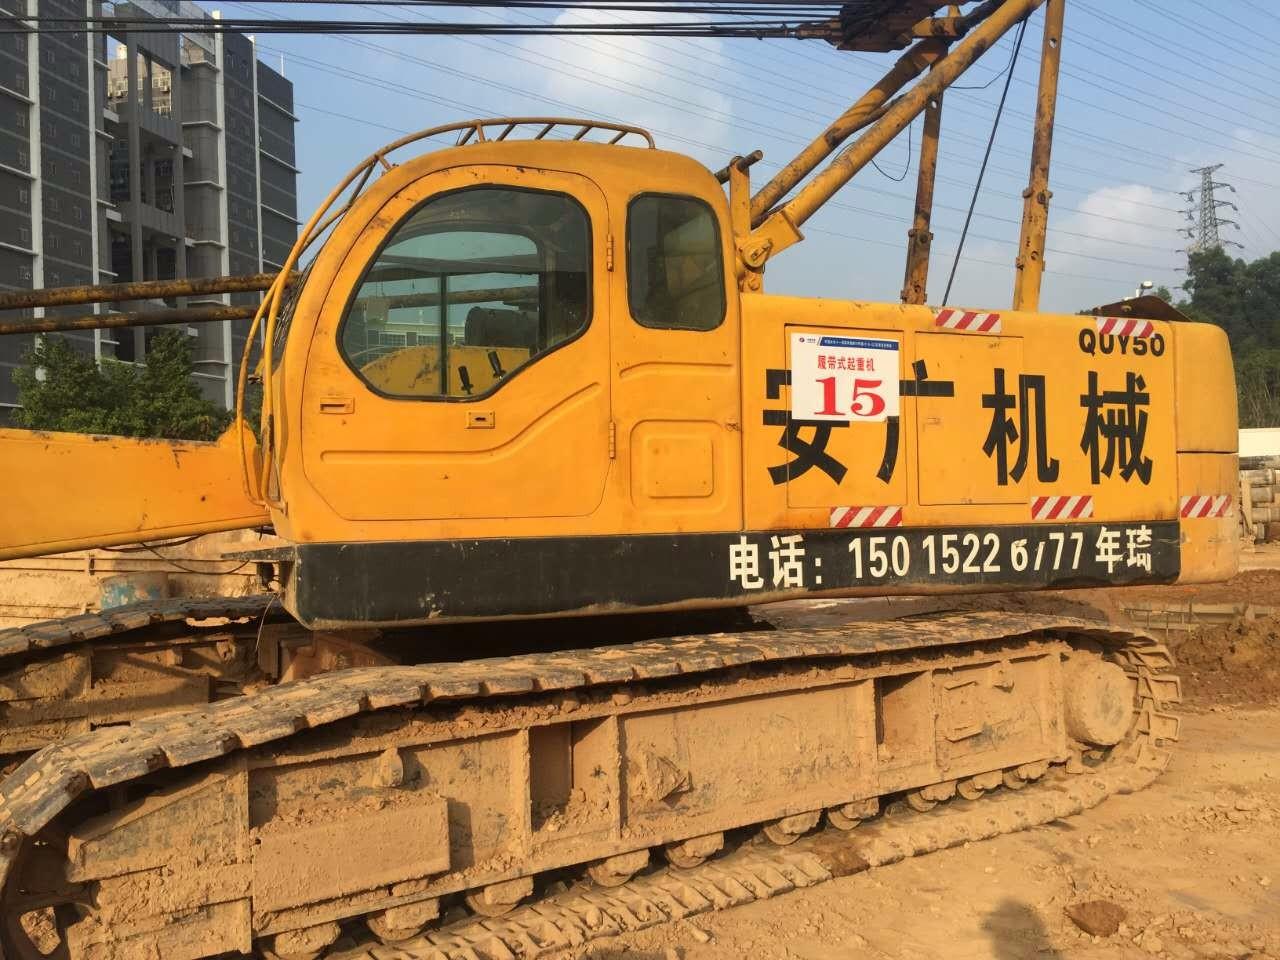 [出租]徐工-QUY50-50吨